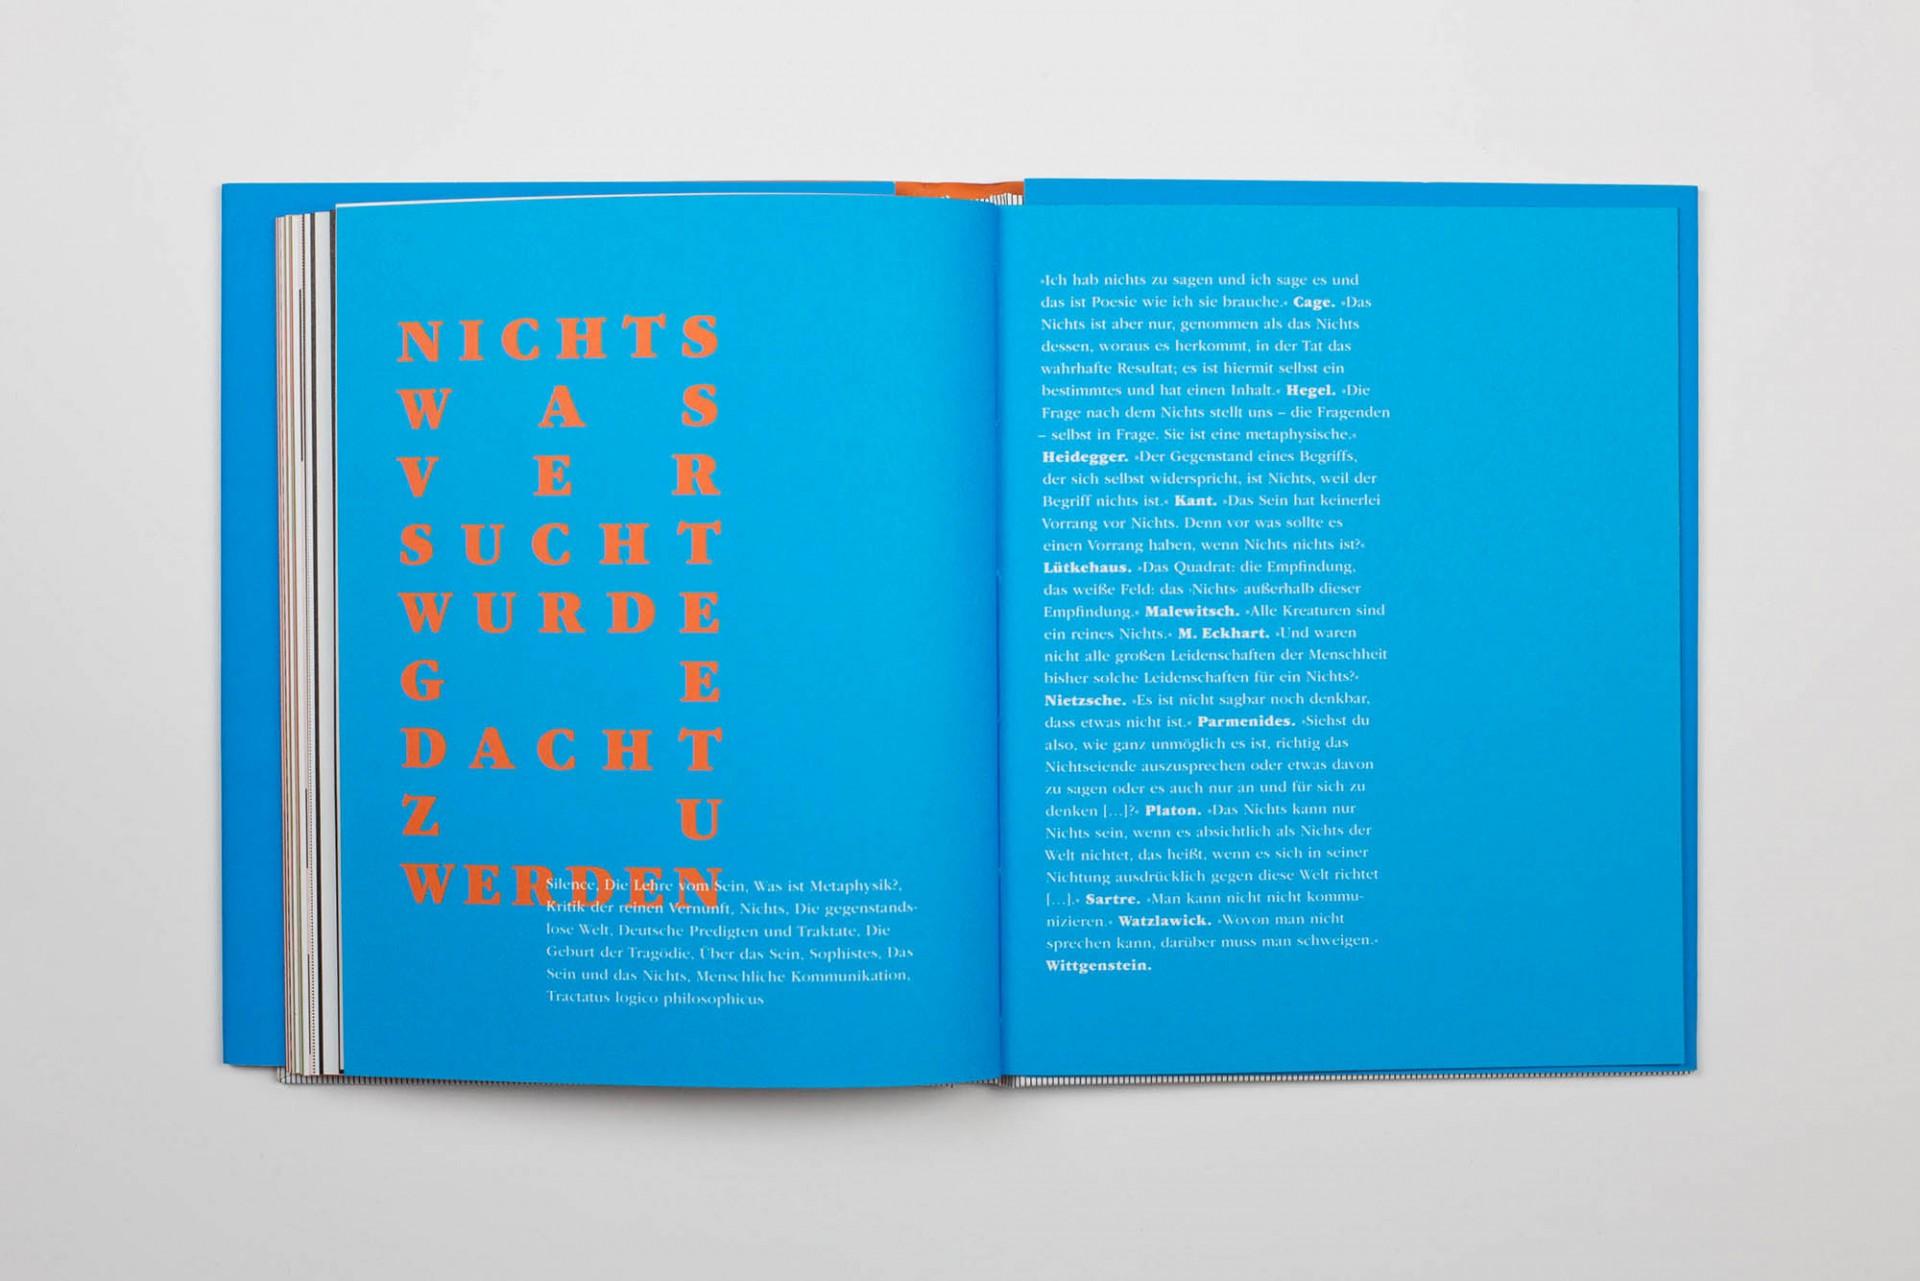 Büro Hyngar Dieses Buch führt zu Nichts